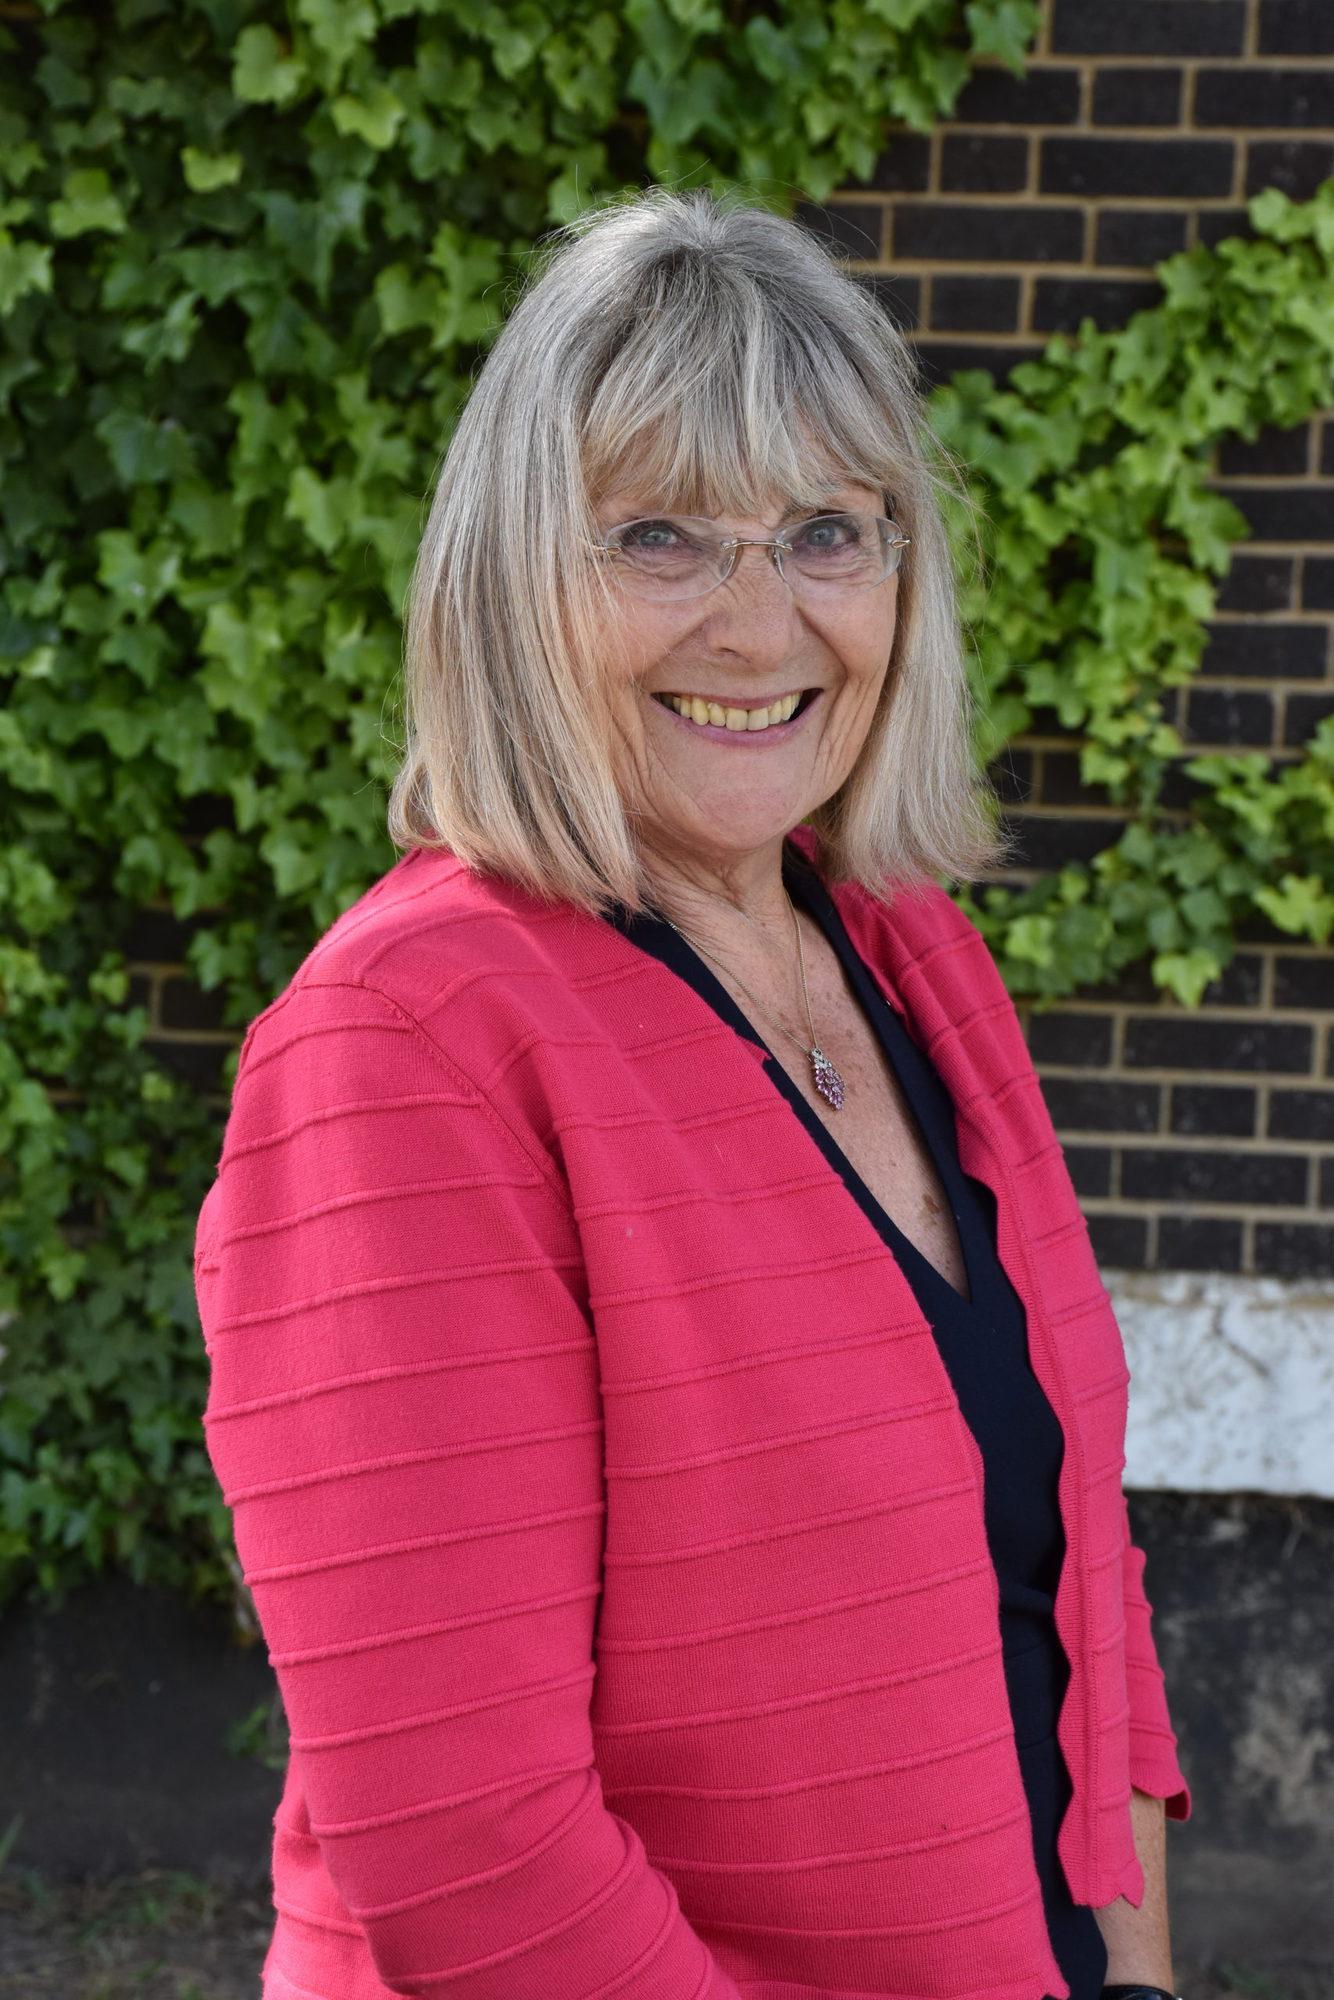 Tina Ellis - Chair of ECETA